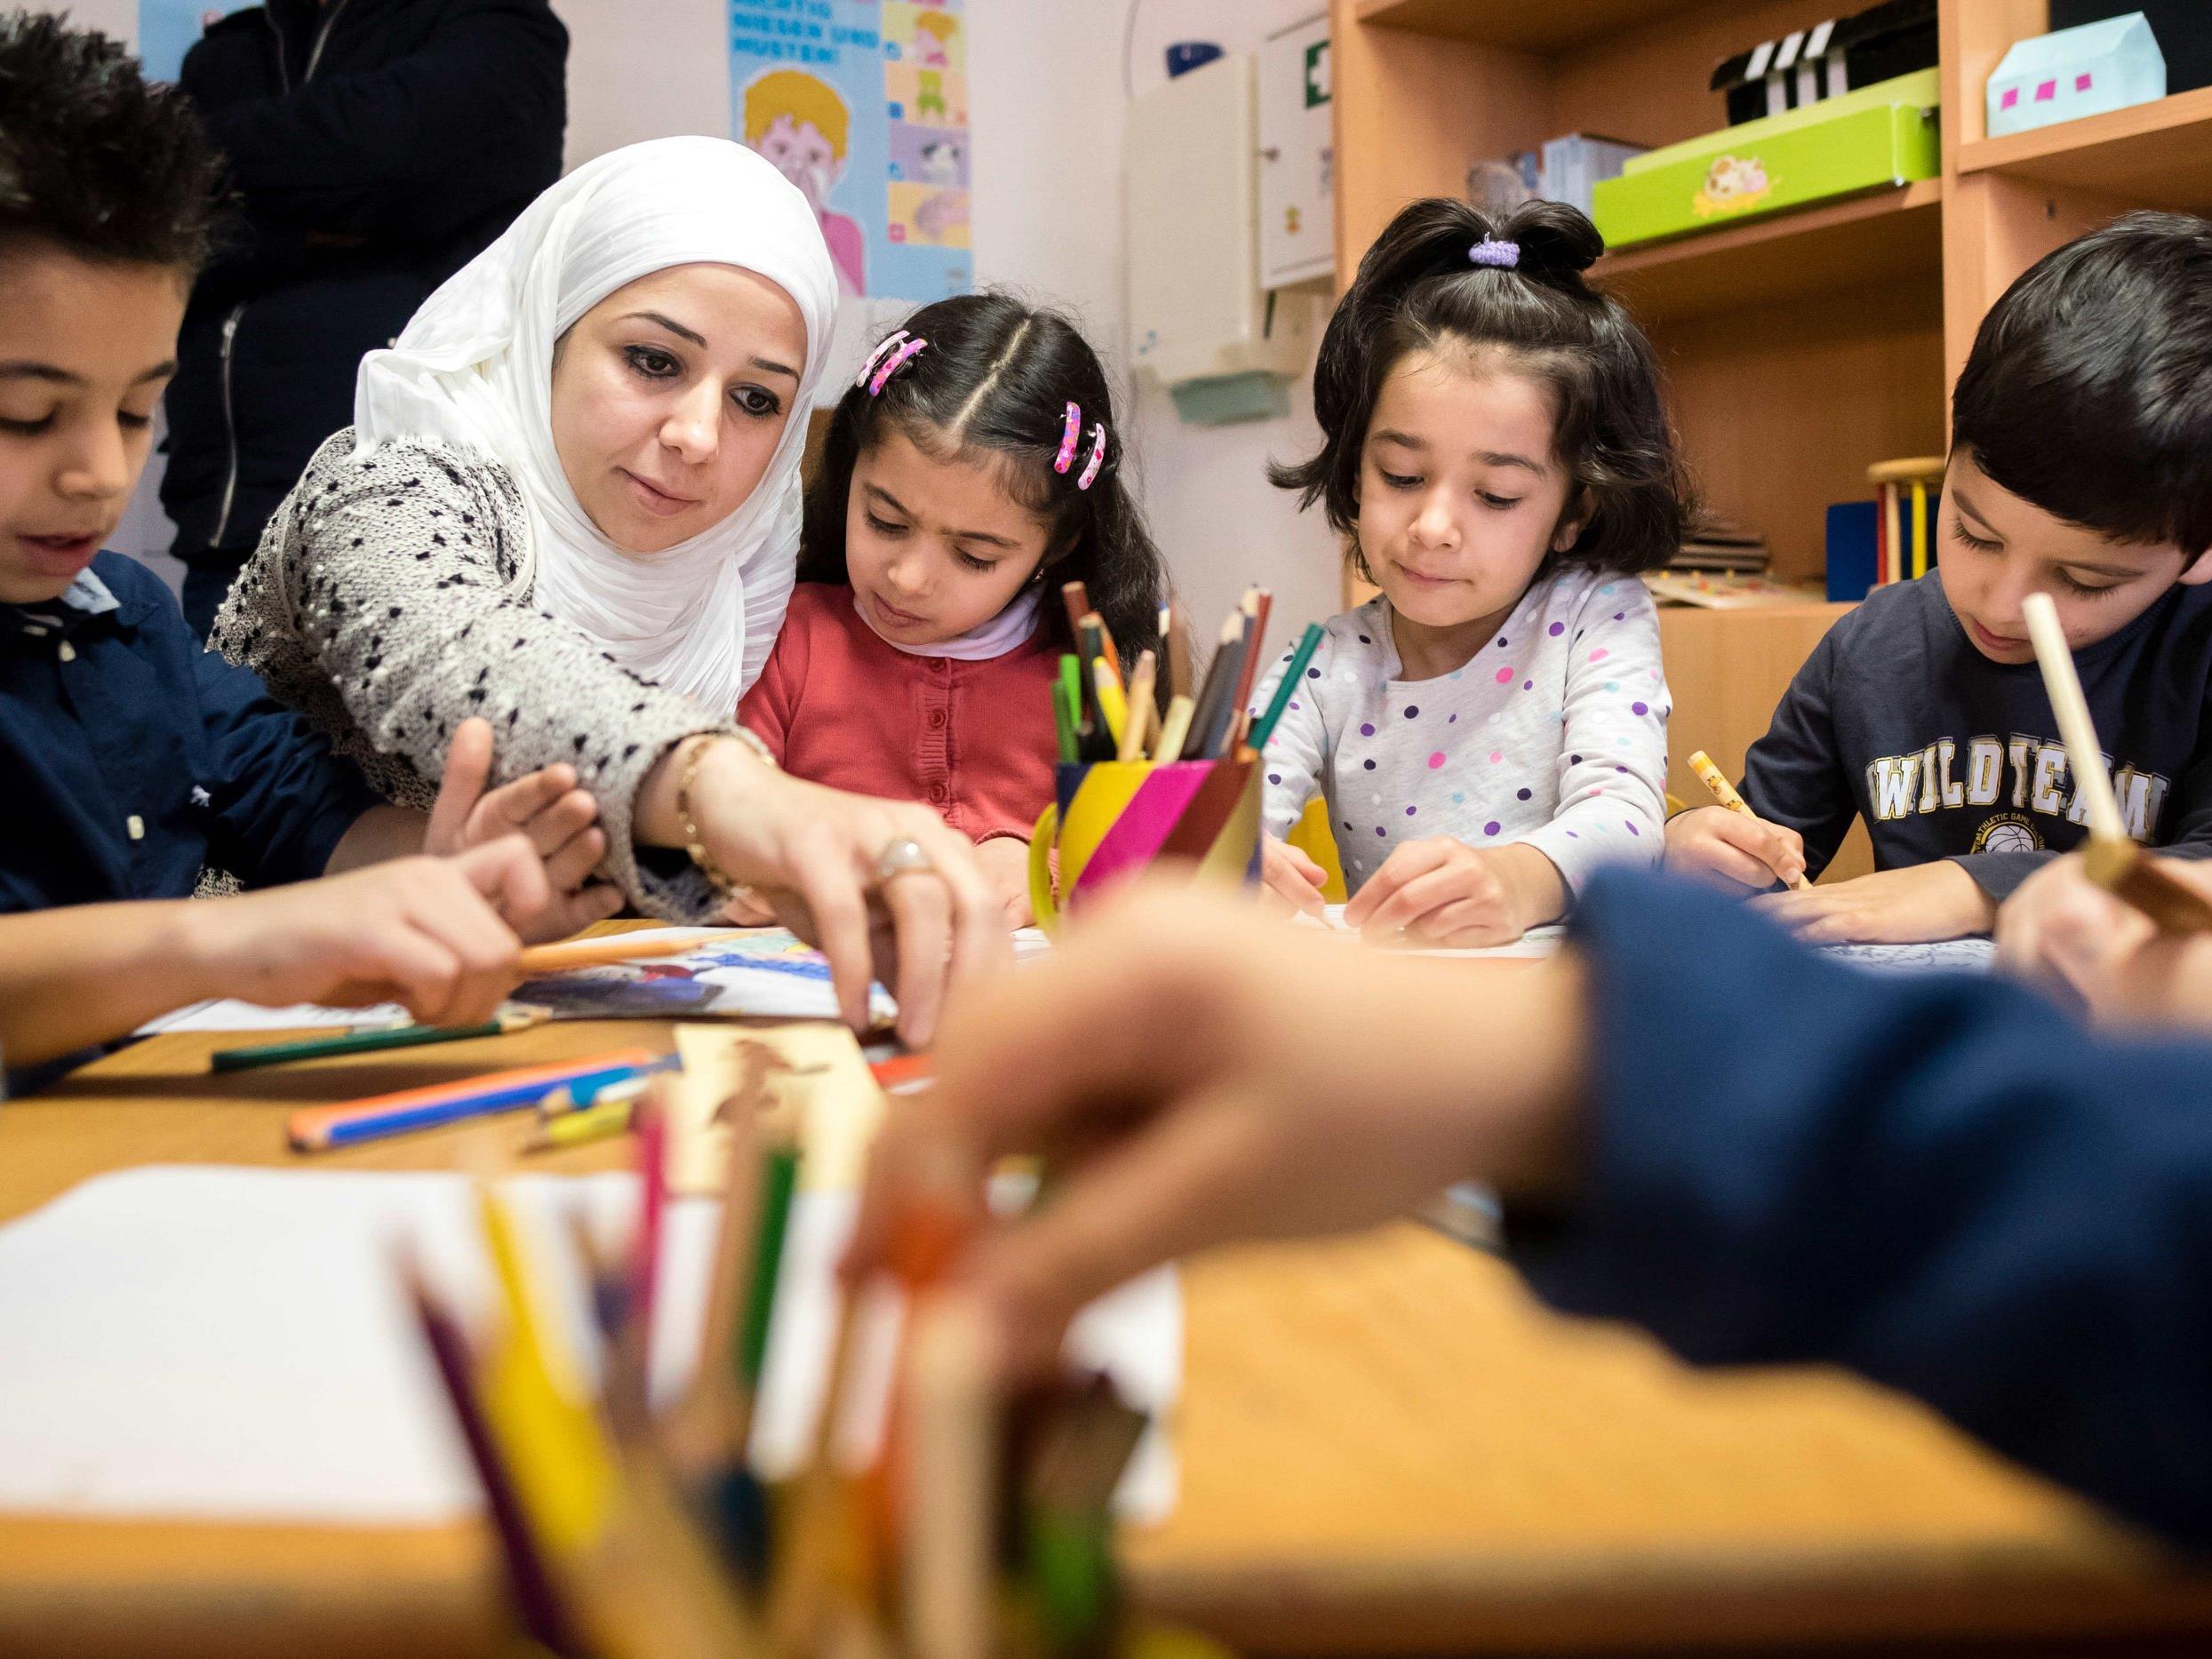 90.000 Kinder und Jugendliche sind ohne Familienangehörige nach Europa geflohen.